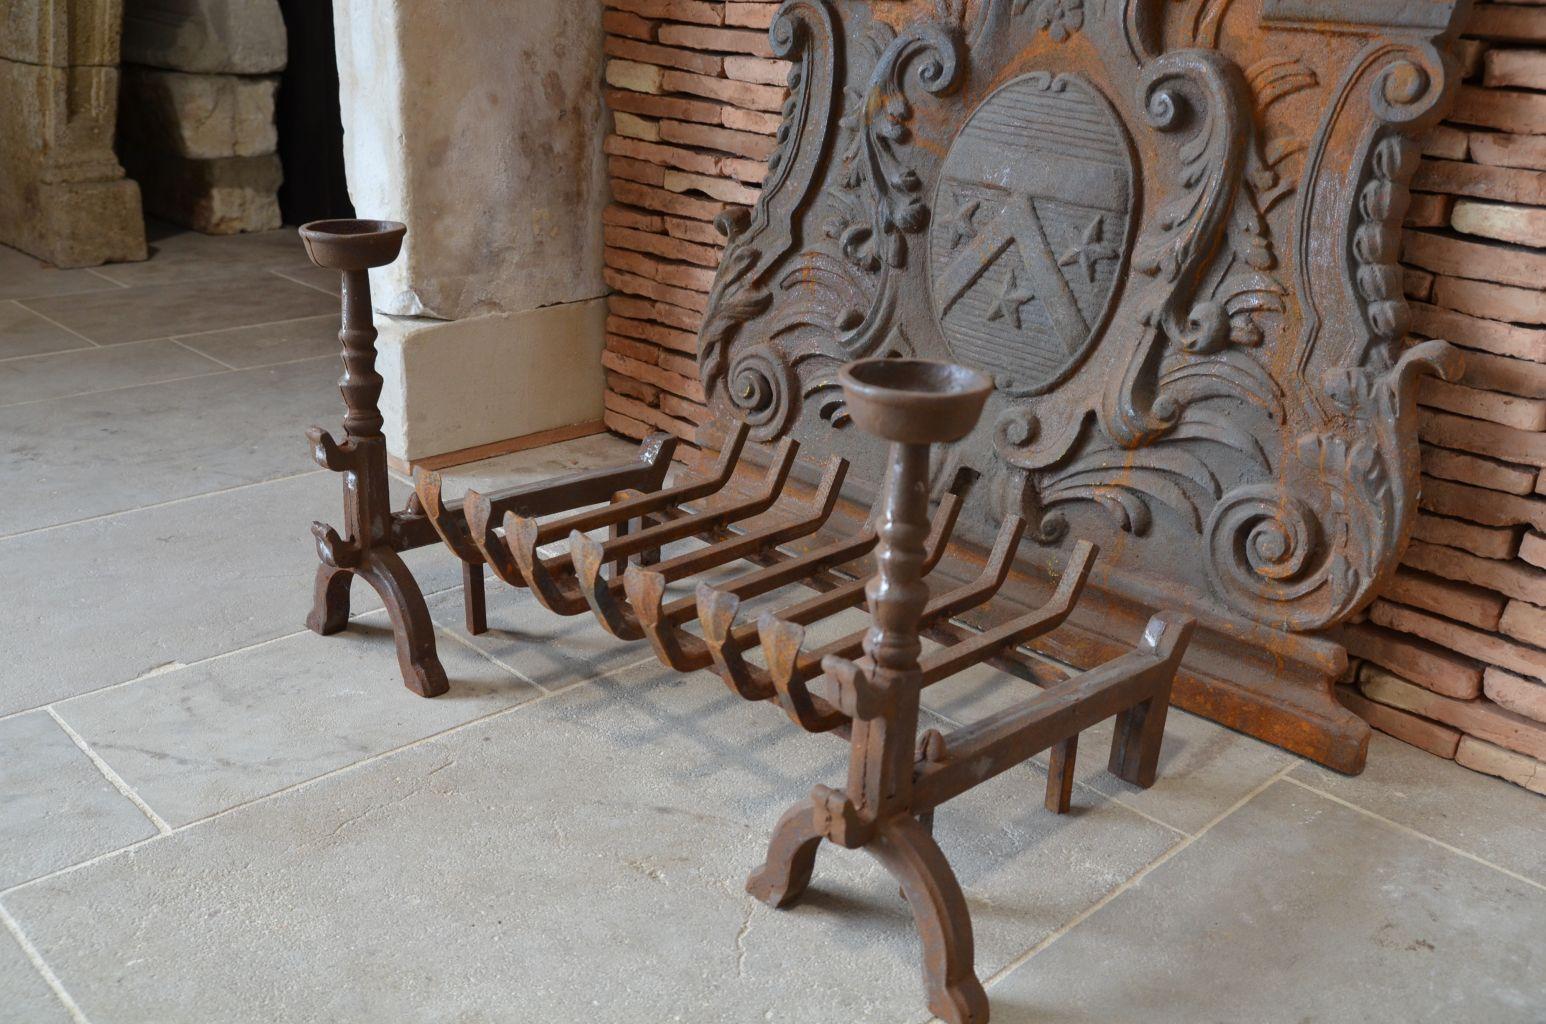 Paire De Chenets Ou Porte Bûches En Fonte Bca Antique Materials